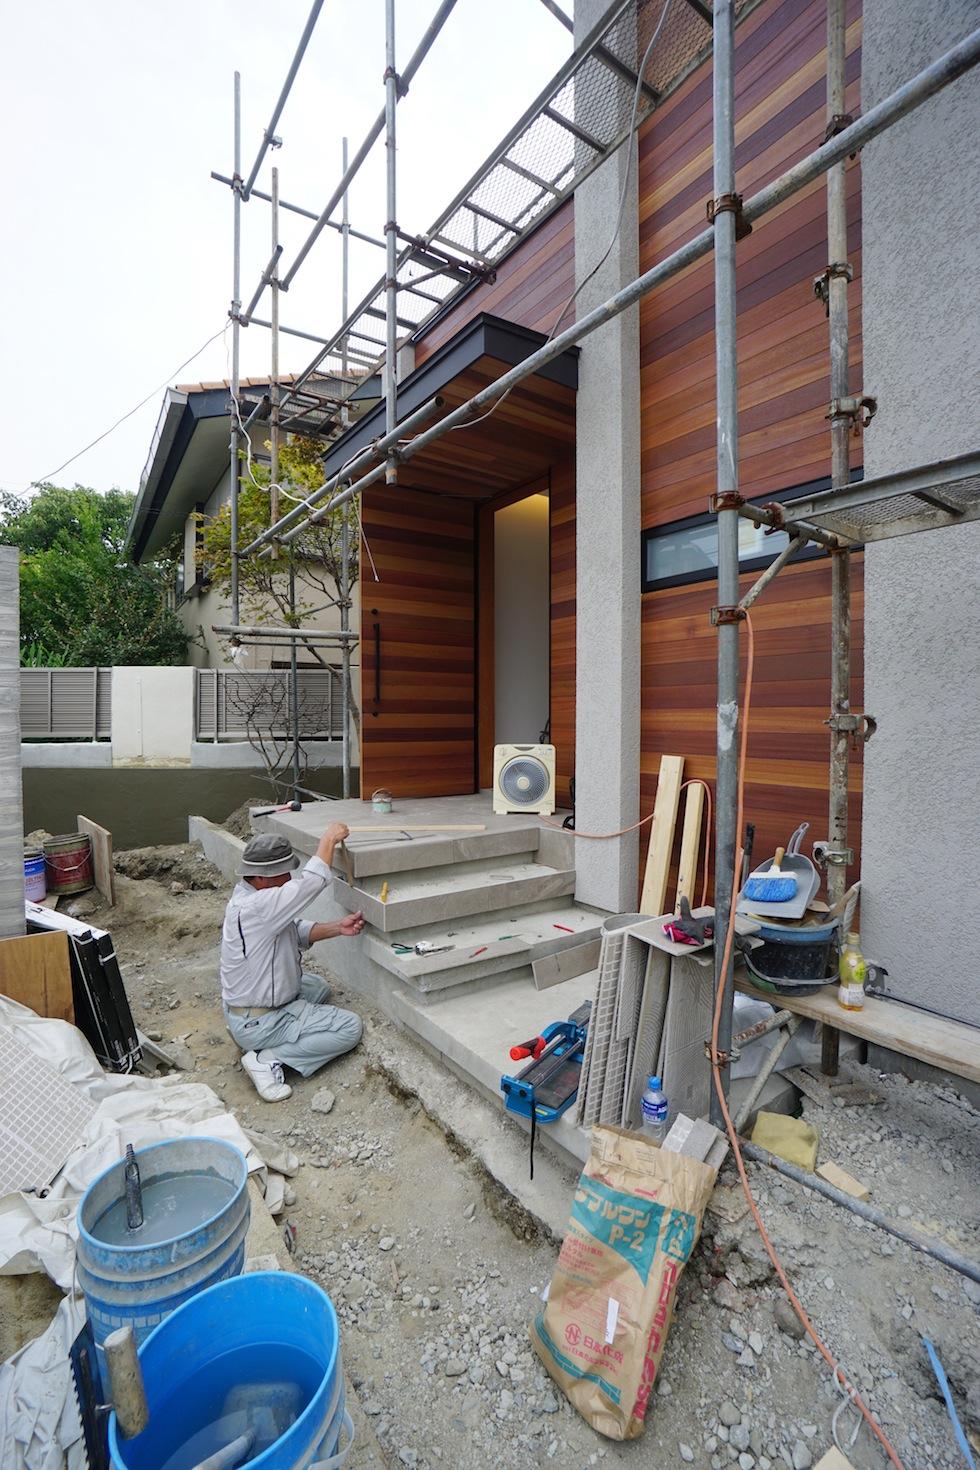 建築家,高級注文住宅設計,大阪,北摂,豊中,中庭の家,コートハウス,リゾート,水盤,ラグジュアリー,石の壁,段差リビング,グレージュ,外壁板貼り